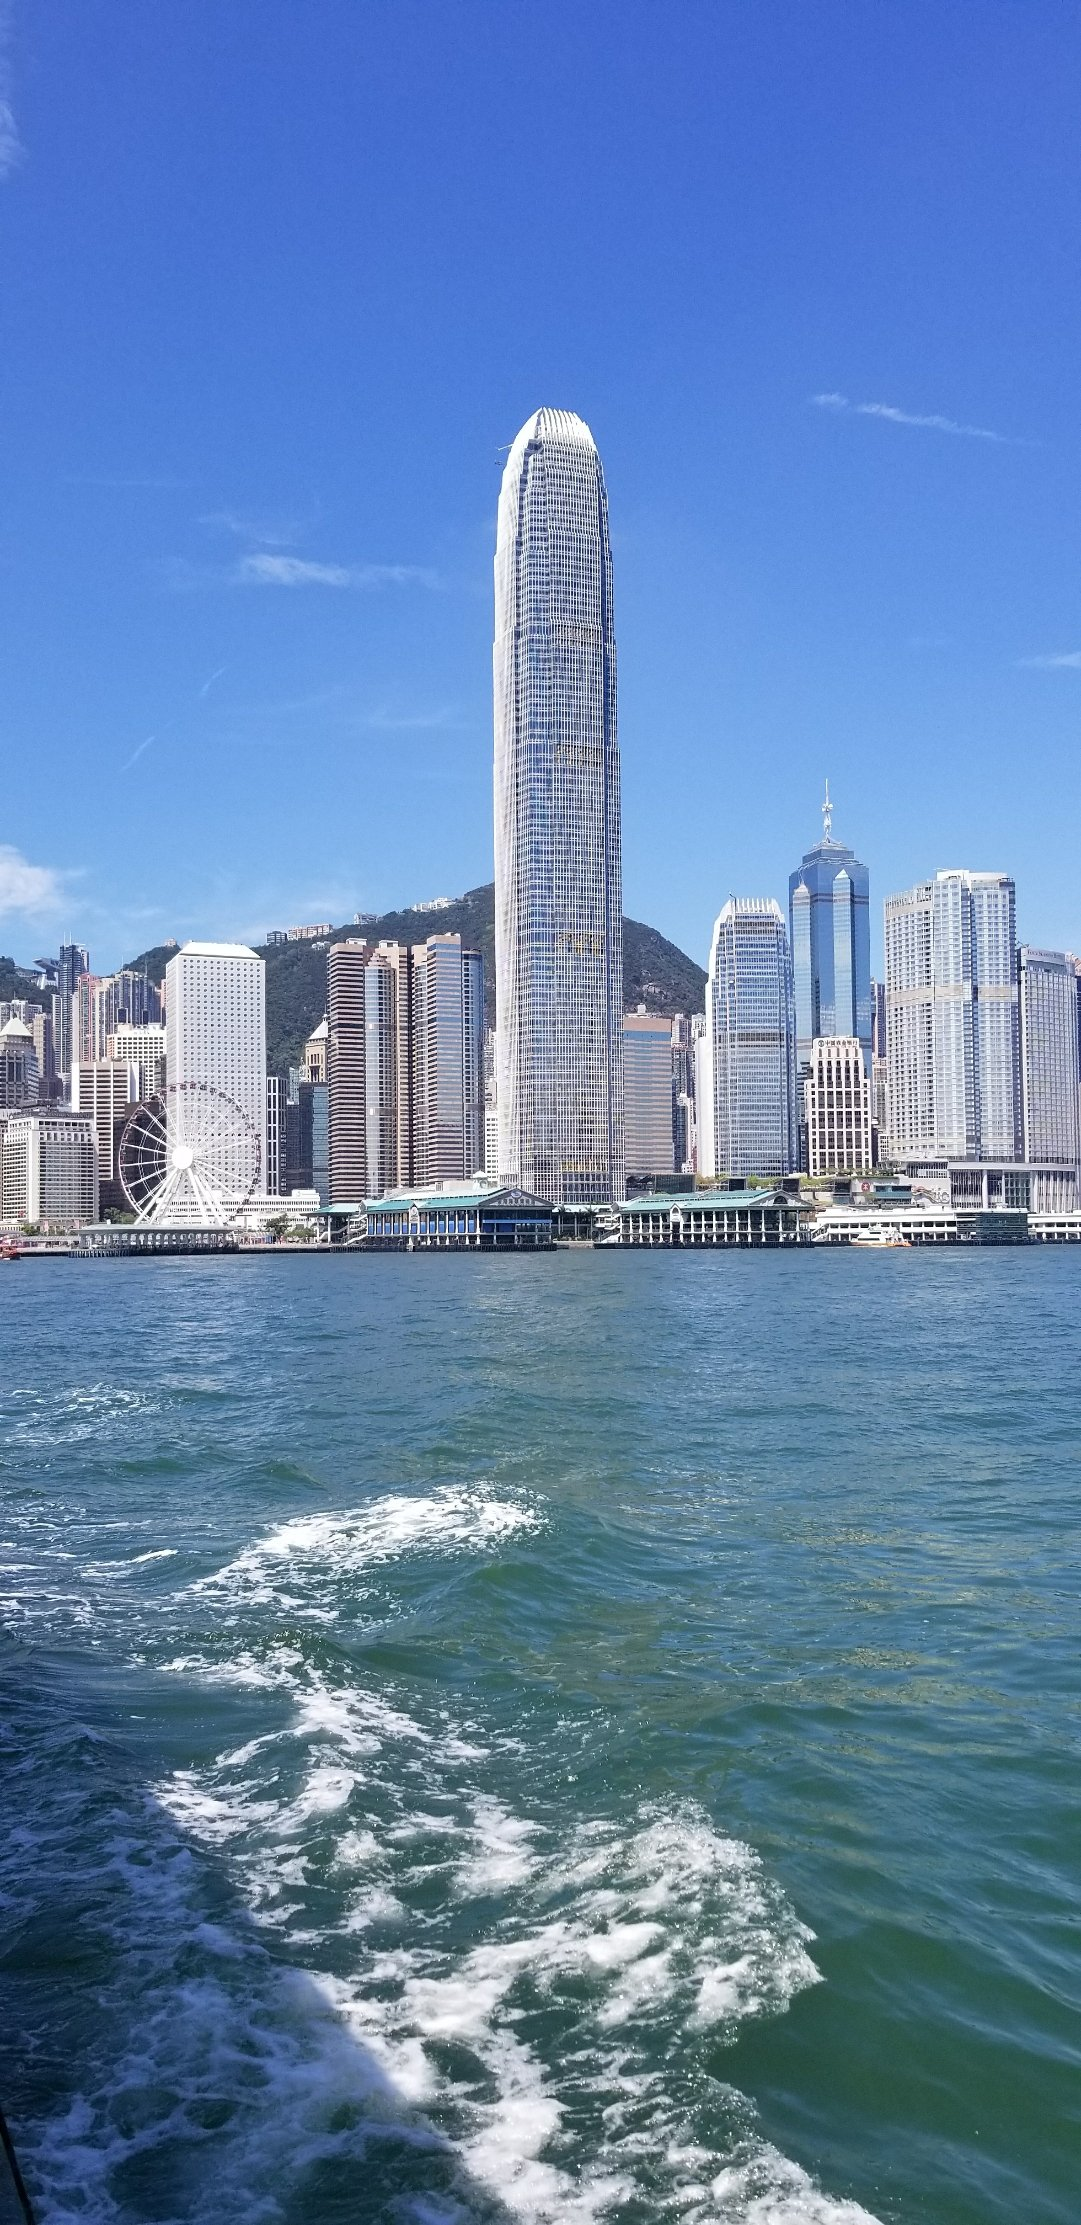 香港特别行政区油尖旺区金鸡报喜游戏玩法图片